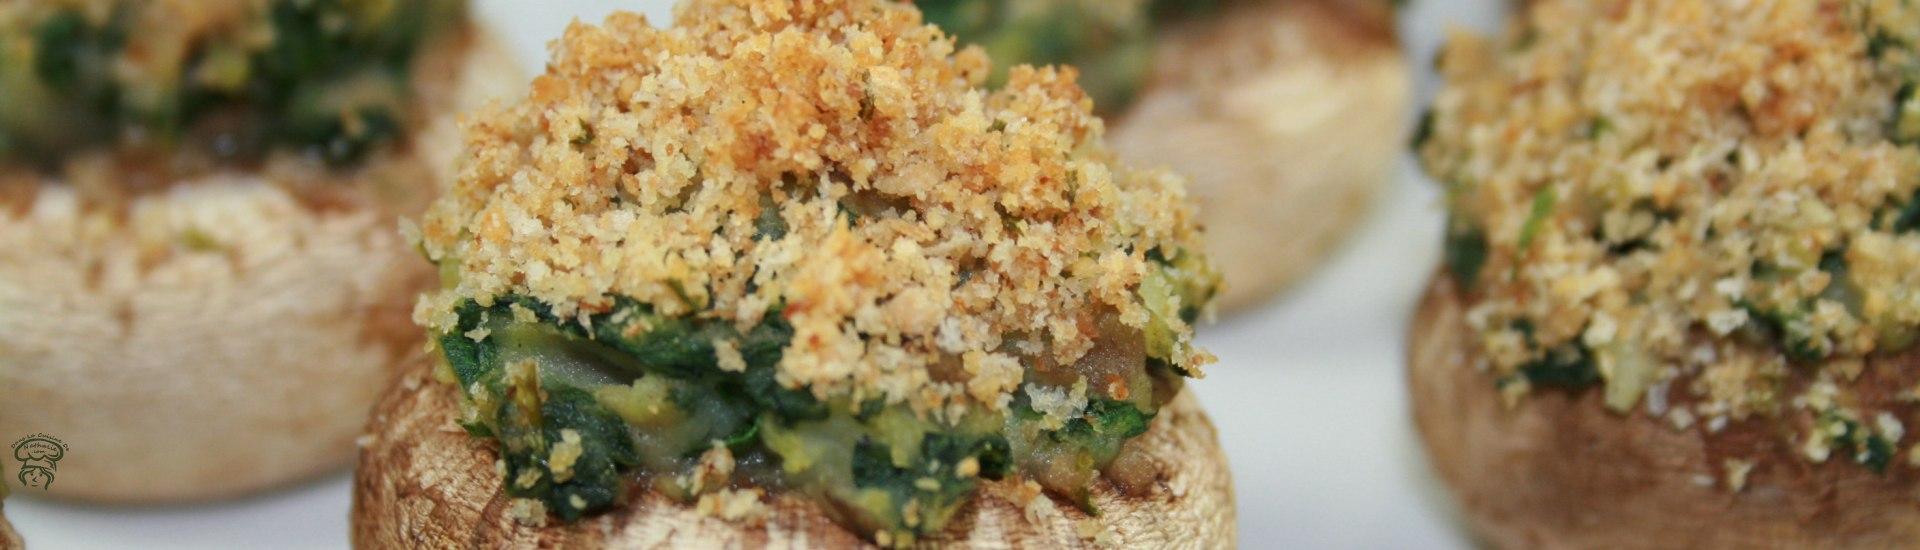 Champignons farcis aux épinards